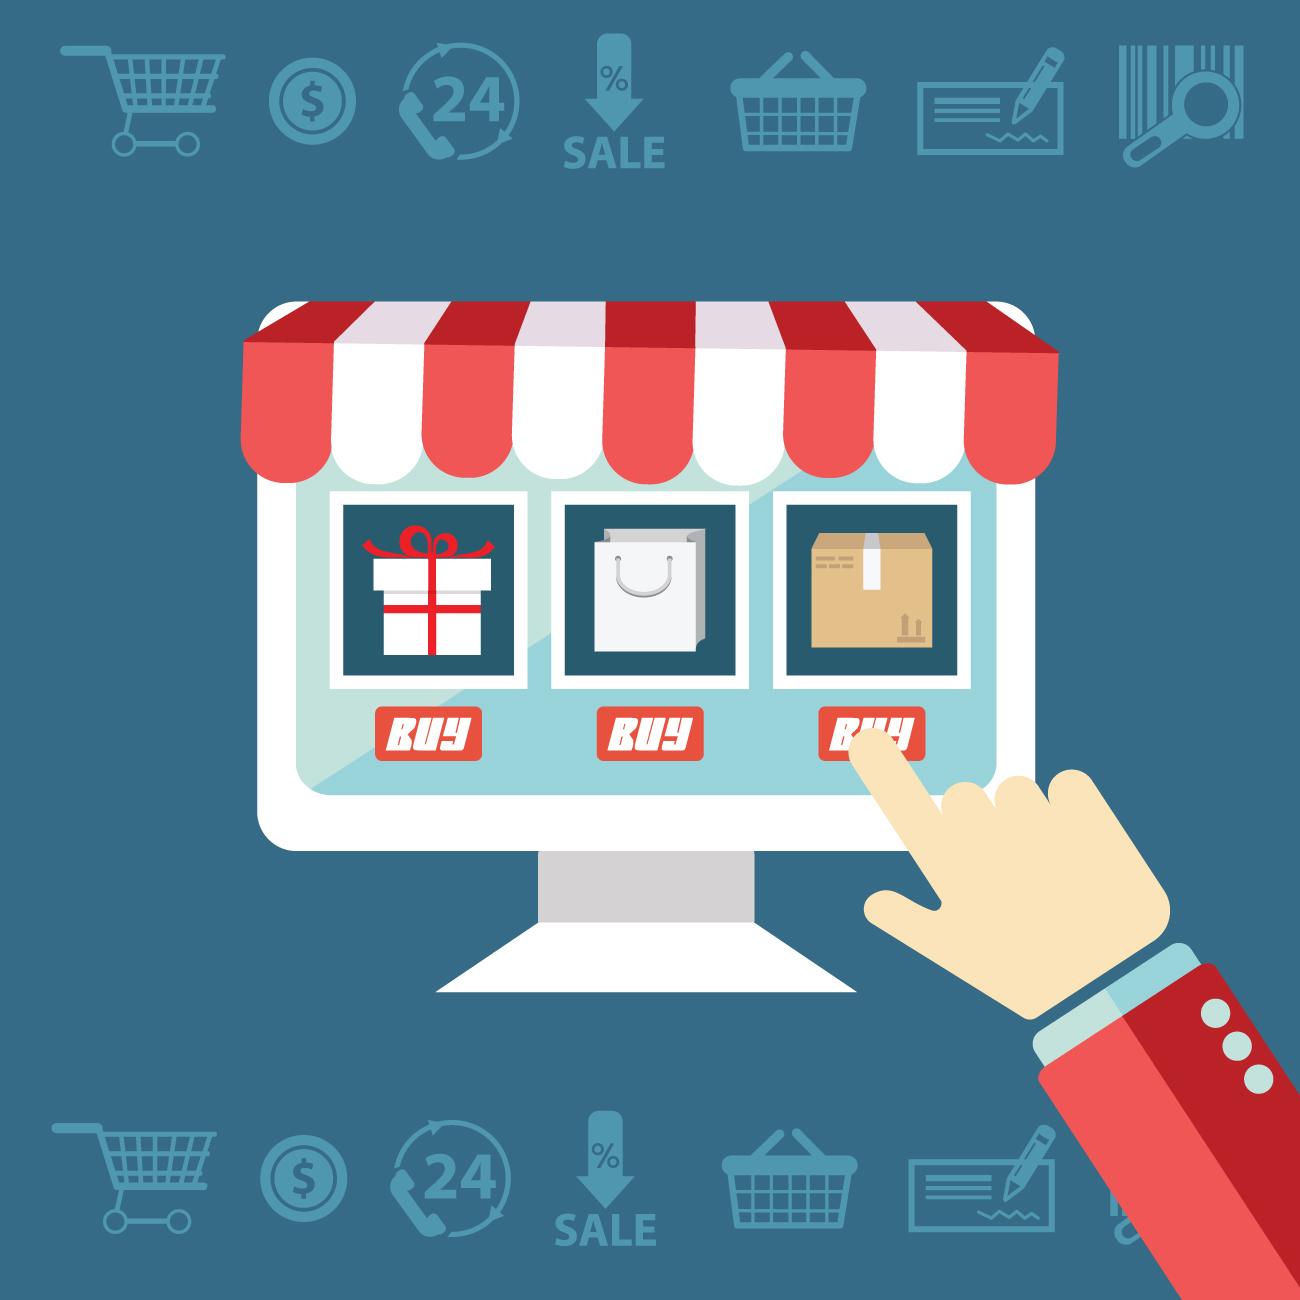 5-loi-ich-cua-social-commerce-danh-cho-doanh-nghiep